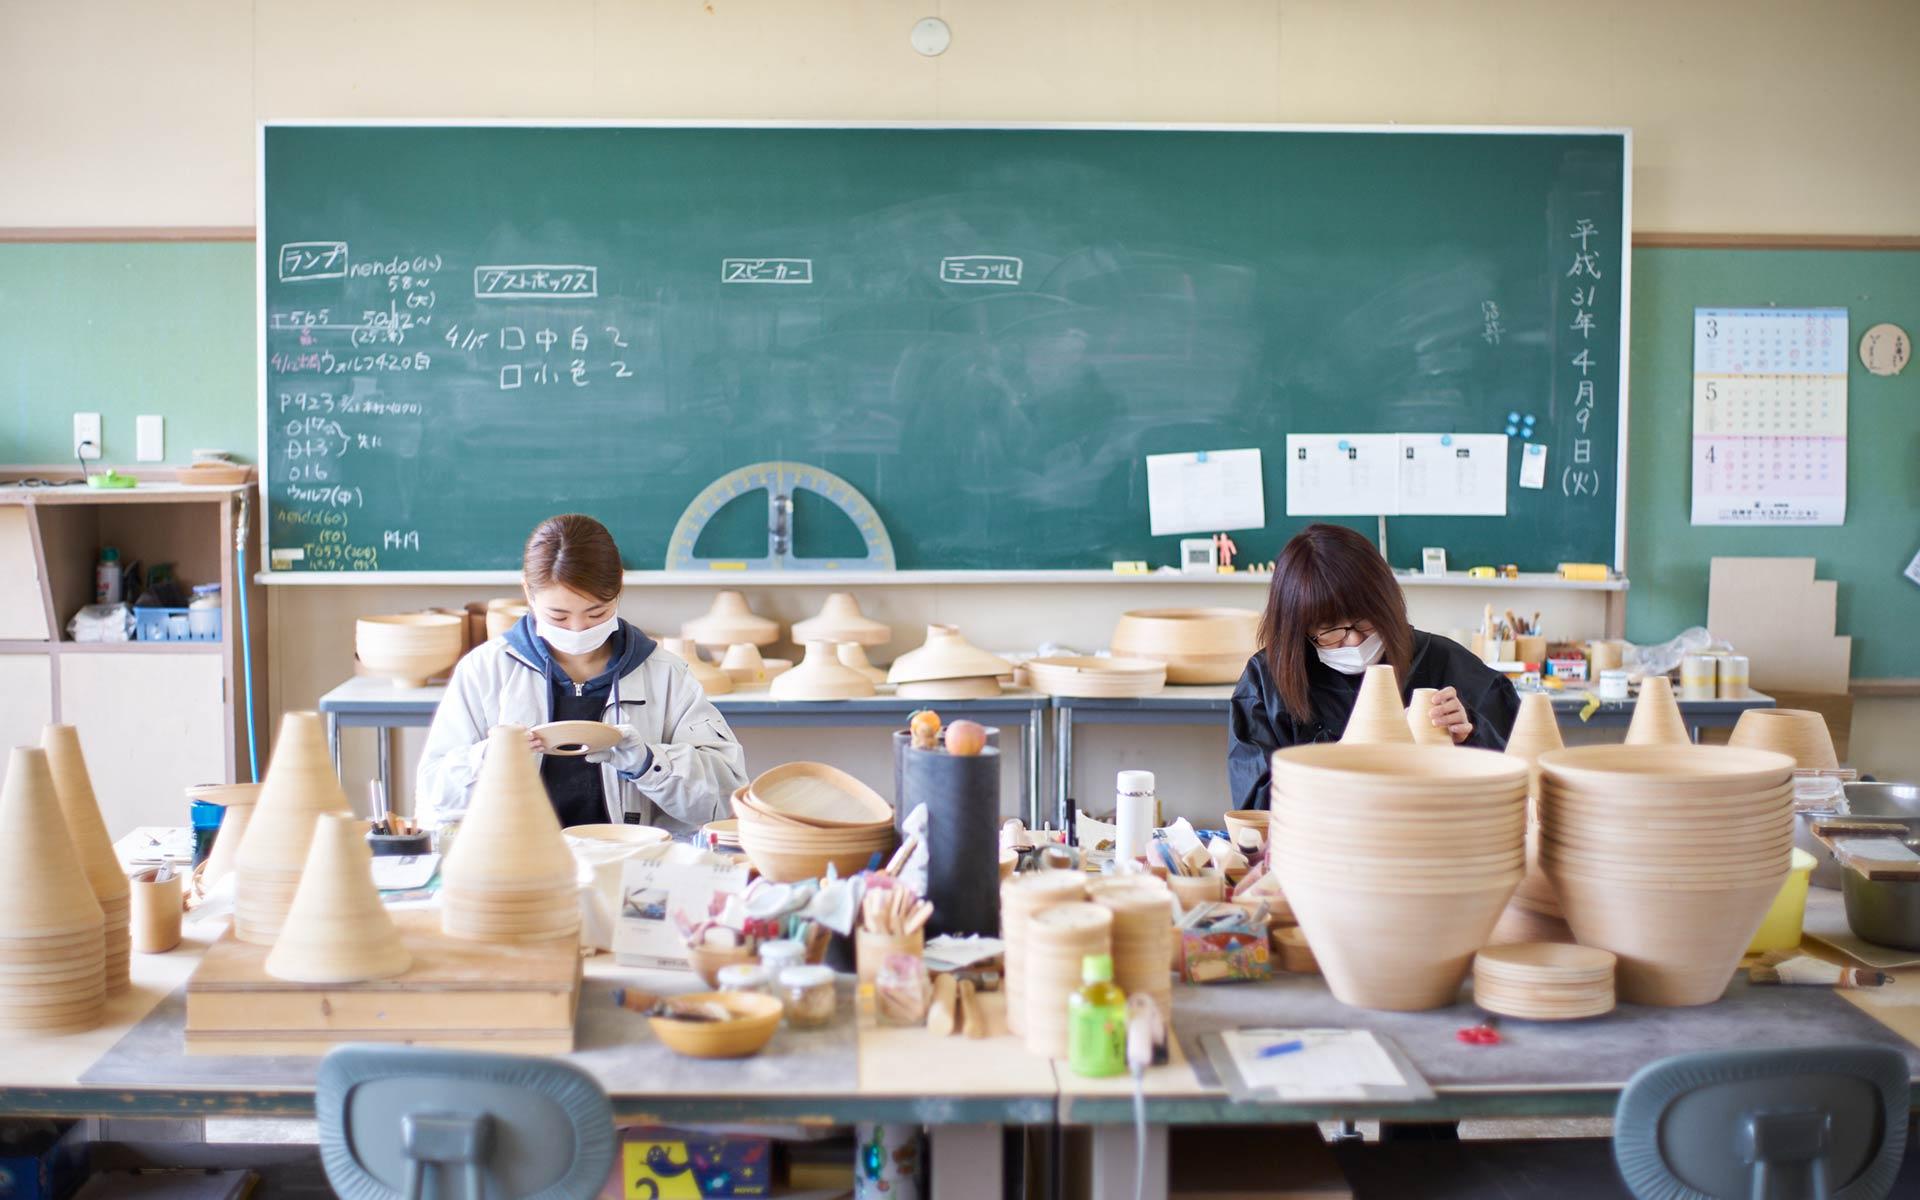 日本唯一の木工技術!職人ワザを間近で見学できる「BUNACO(ブナコ)西目屋工場」